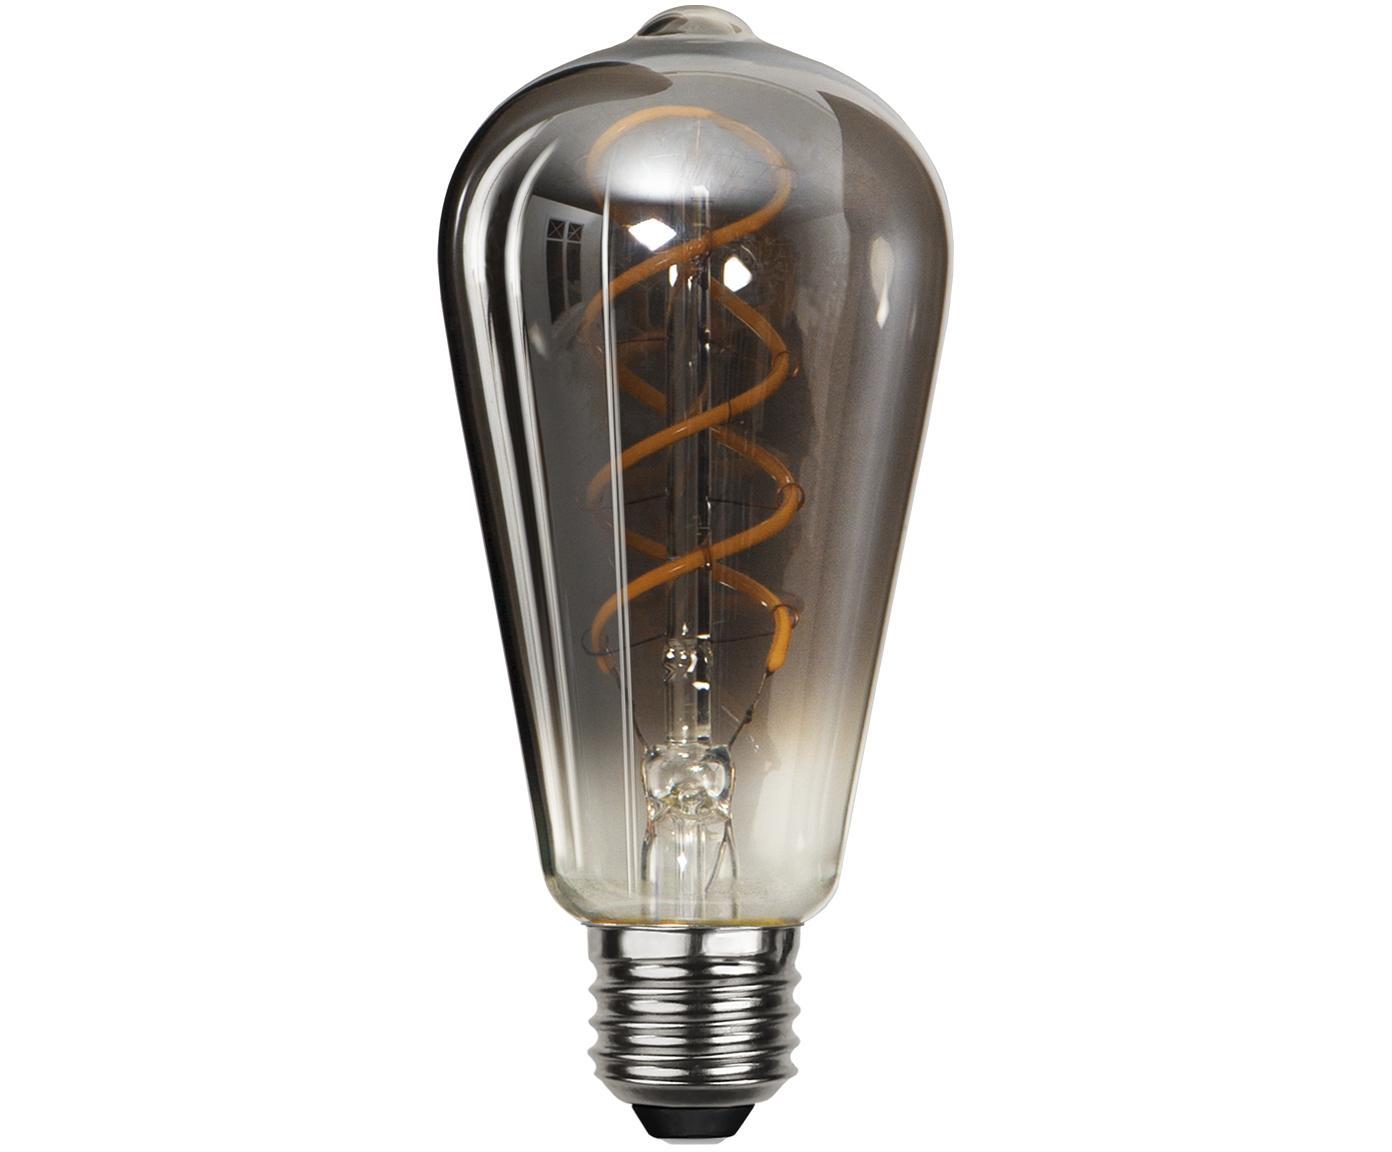 Bombilla LED Blacked (E27/4W), Ampolla: vidrio, Casquillo: níquel, Negro, Ø 6 x Al 14 cm